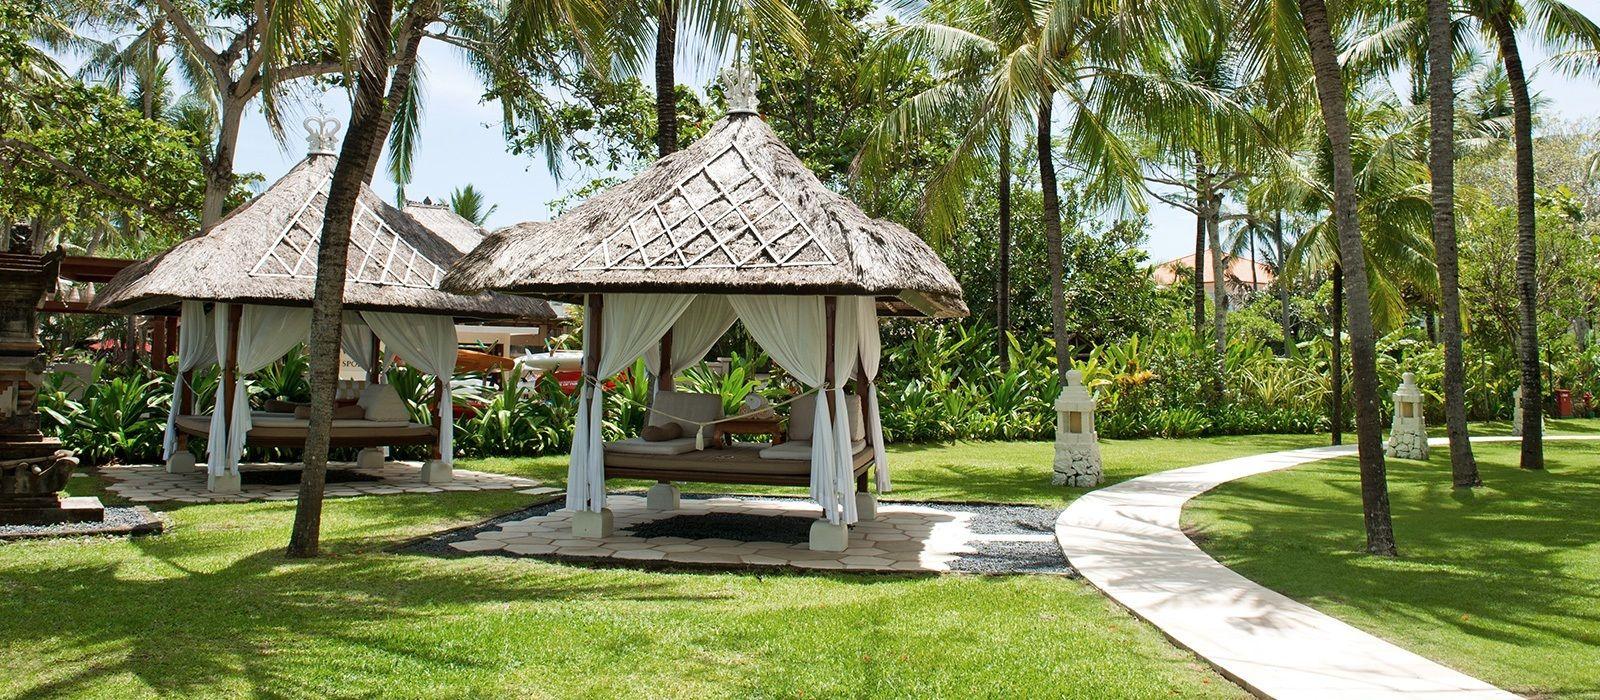 Zauberhafter Luxus in drei Ländern Asiens Urlaub 3